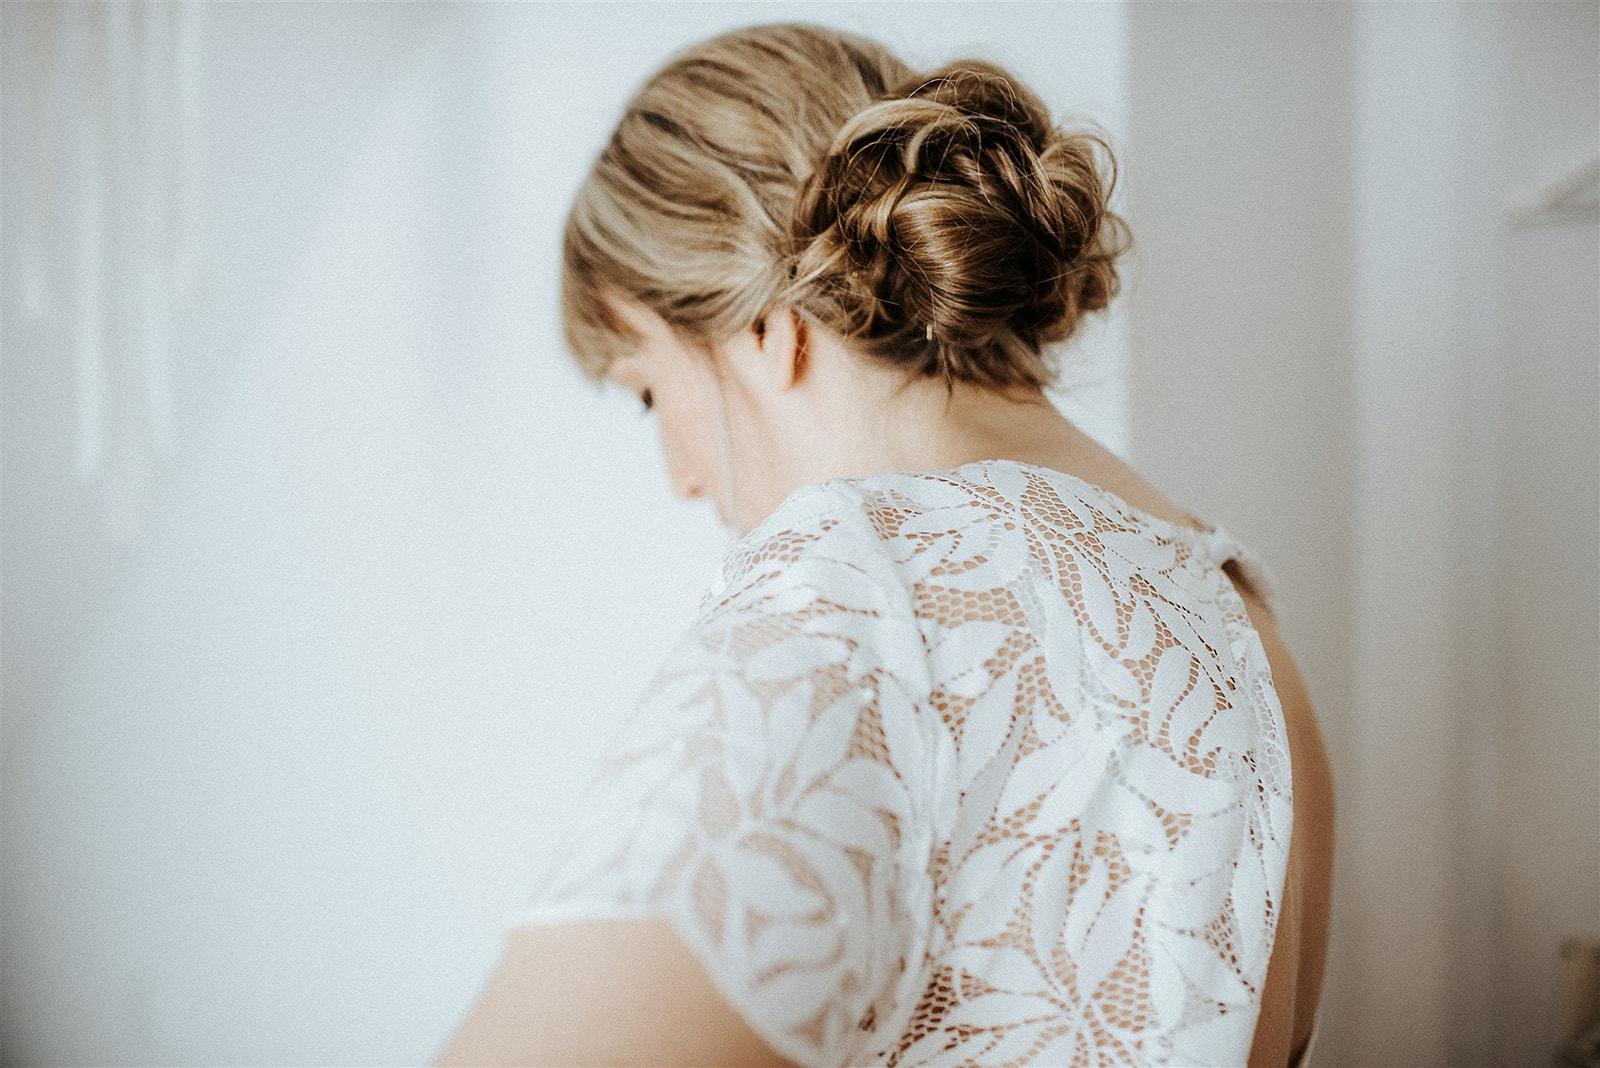 noni Brautmode, Getting Ready Shoot, blonde Braut mit Hochsteckfrisur und Kurzarmtop aus halb-transparenter Blätterspitze, Rückenansicht